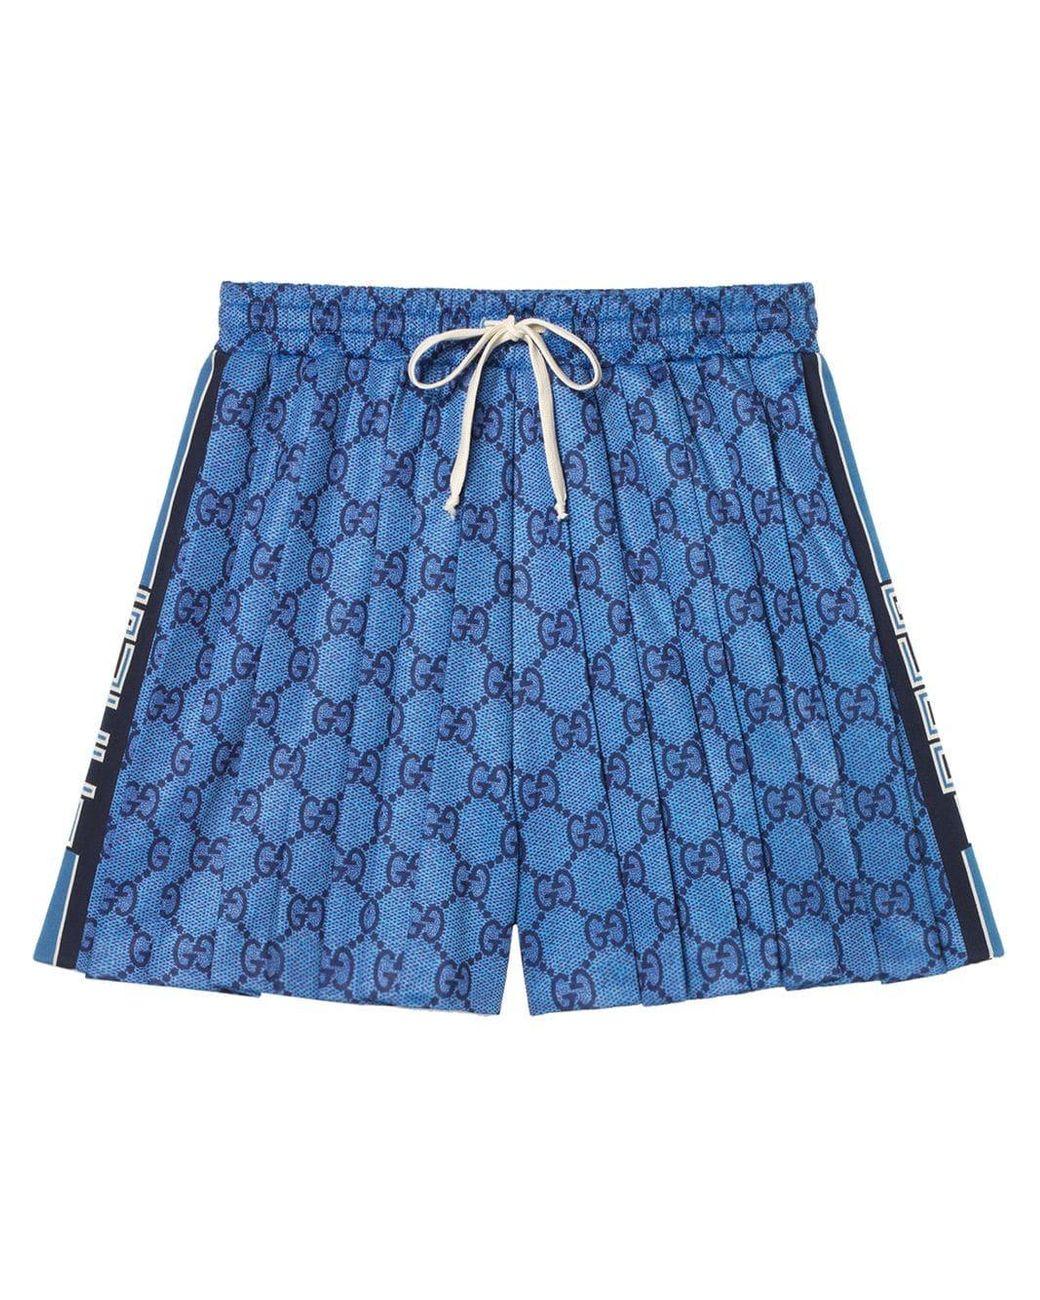 135b0605 Women's Blue GG Technical Jersey Shorts